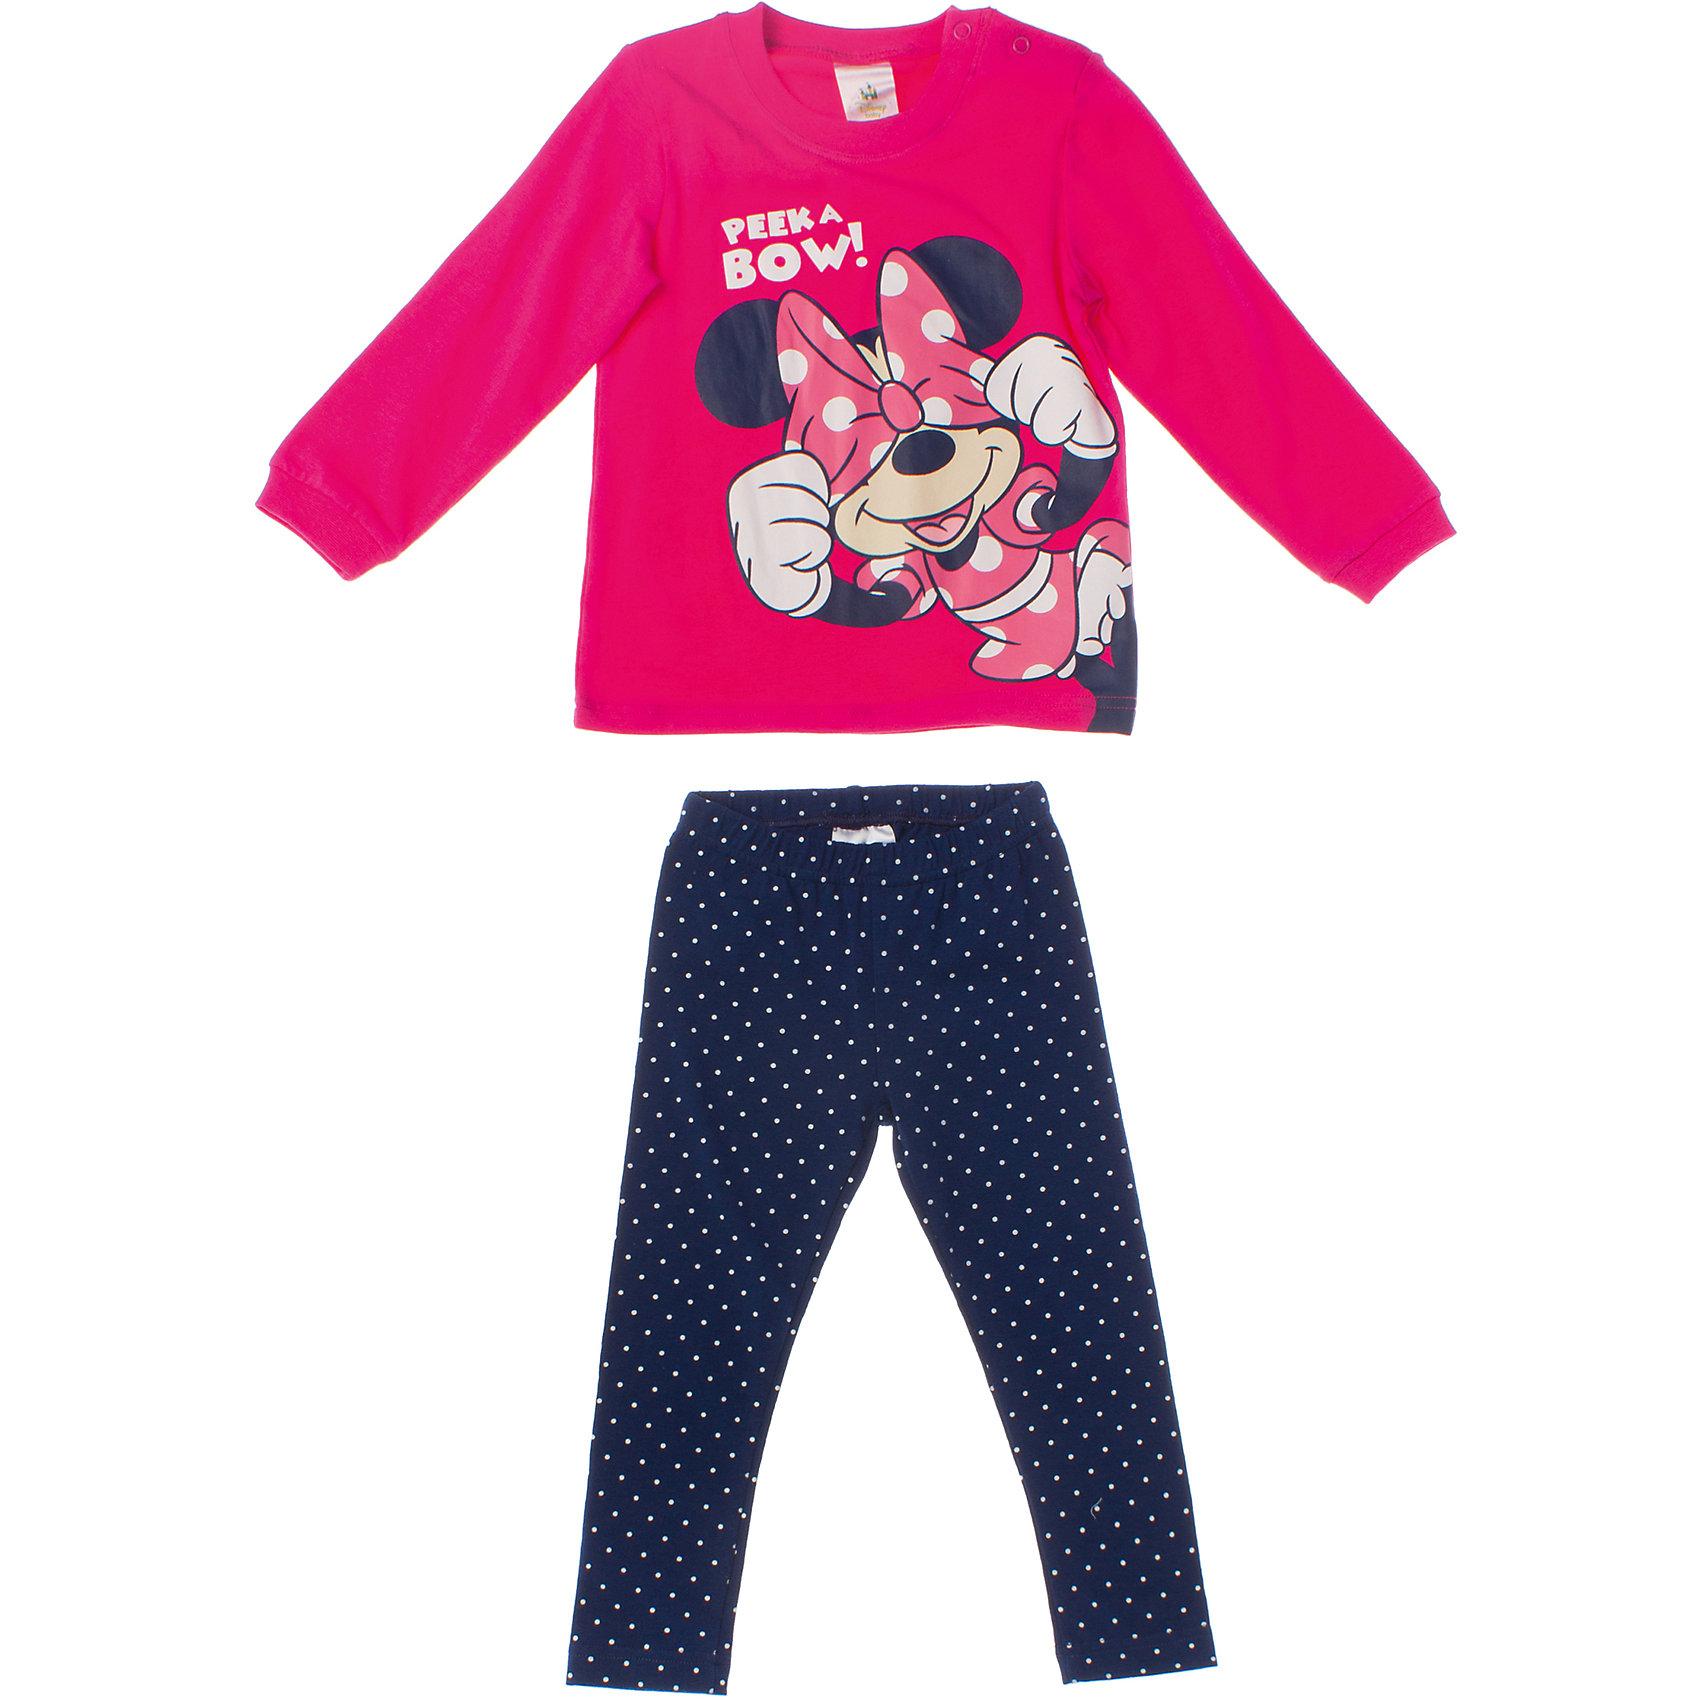 Комплект: футболка и леггинсы для девочки PlayTodayКомплект: футболка и леггинсы для девочки PlayToday <br><br>Состав: 95% хлопок, 5% эластан <br><br>Футболка:<br>Застежки-кнопки на плече.<br>На груди резиновый принт с Минни маус.<br>Рукава и воротник на трикотажной резинке.<br>Леггинсы:<br>Темно-синяя ткань в набивку - горошек.<br>Пояс на резинке.<br><br>Ширина мм: 199<br>Глубина мм: 10<br>Высота мм: 161<br>Вес г: 151<br>Цвет: разноцветный<br>Возраст от месяцев: 9<br>Возраст до месяцев: 12<br>Пол: Женский<br>Возраст: Детский<br>Размер: 74,92,80,86<br>SKU: 4503782